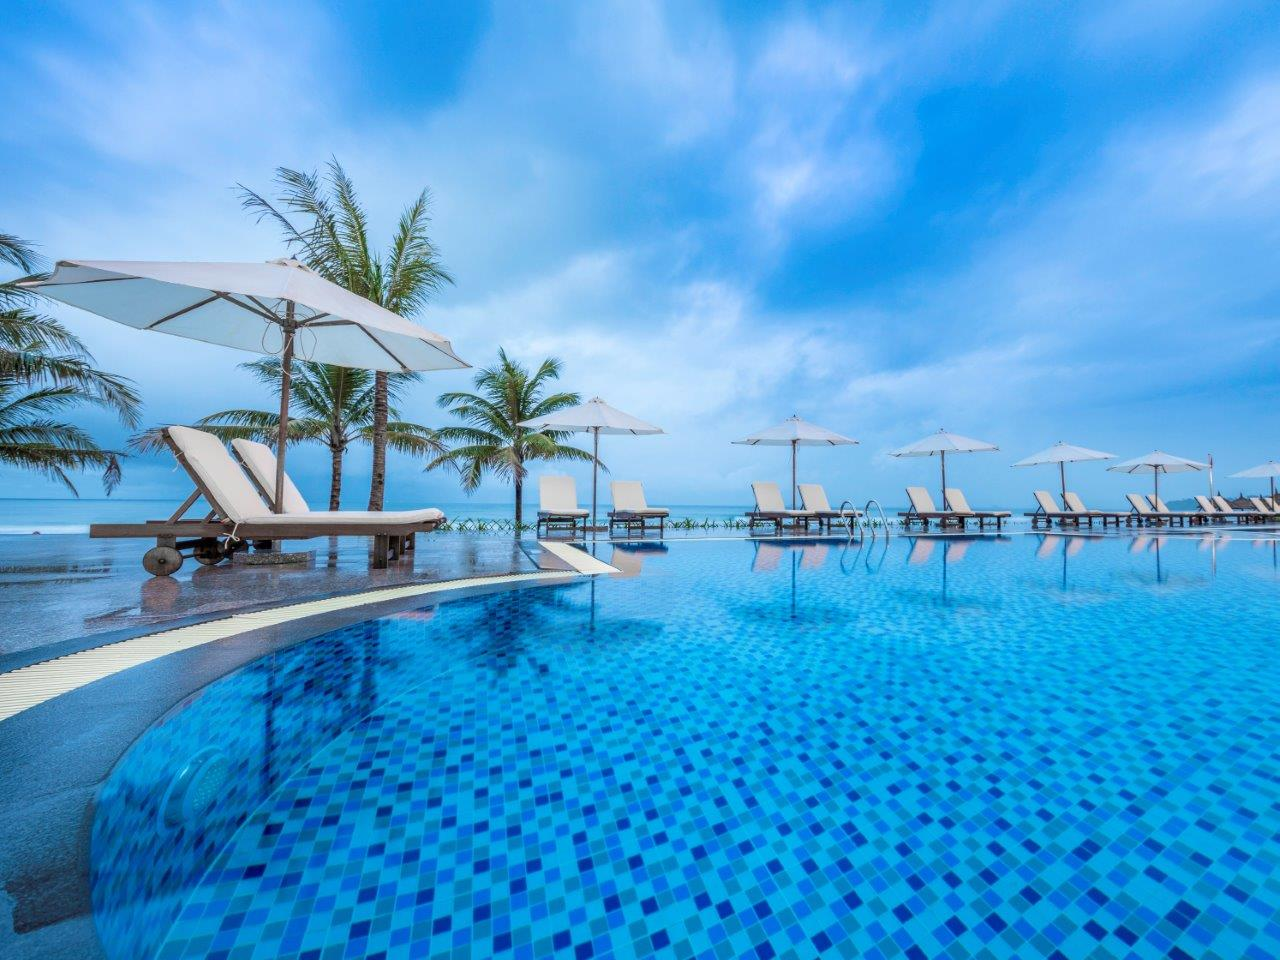 Tour Du Lịch Free & Easy Phú Quốc 4 Ngày: Vinpearl Phú Quốc 5 Sao & Resort 4 Sao